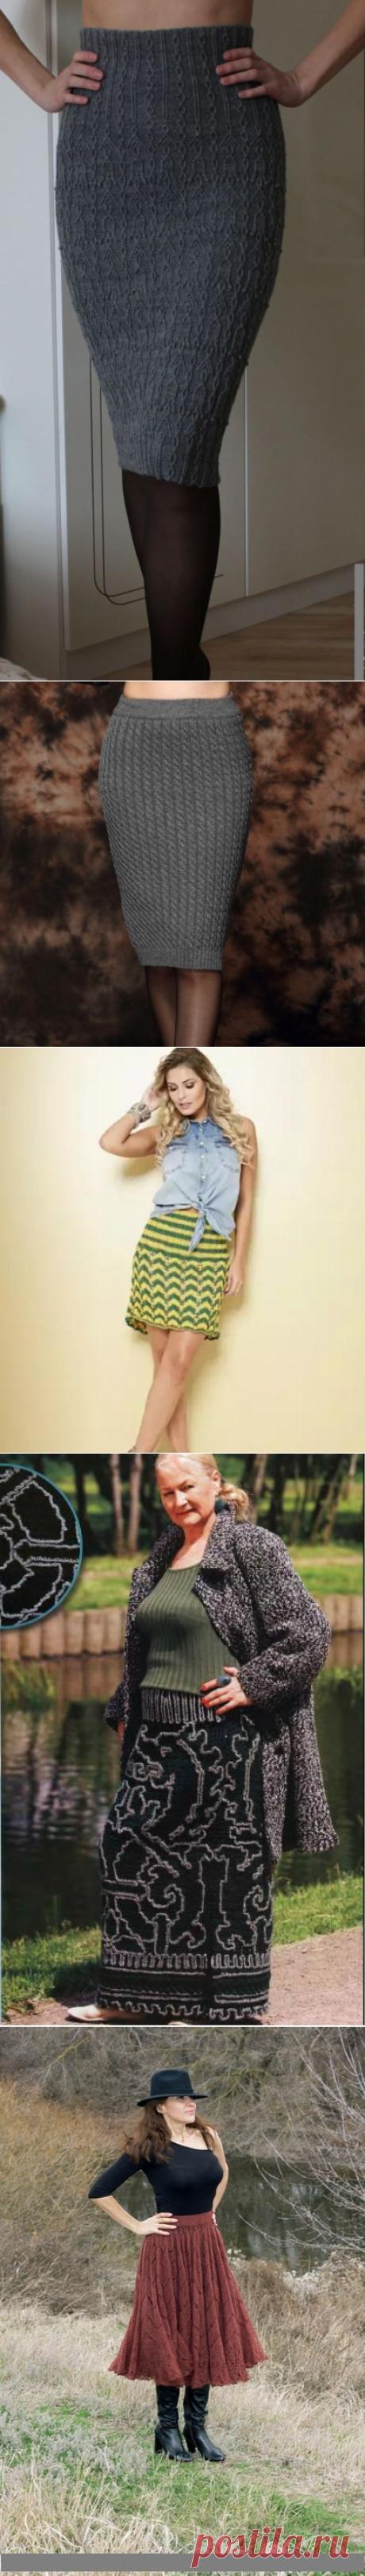 Как связать юбку спицами для женщины: новые модели, узоры, схемы с описанием, фото. Как связать спицами летние, зимние, длинные, расклешенные, мини и большого размера женские юбки для девушек и женщин своими руками?